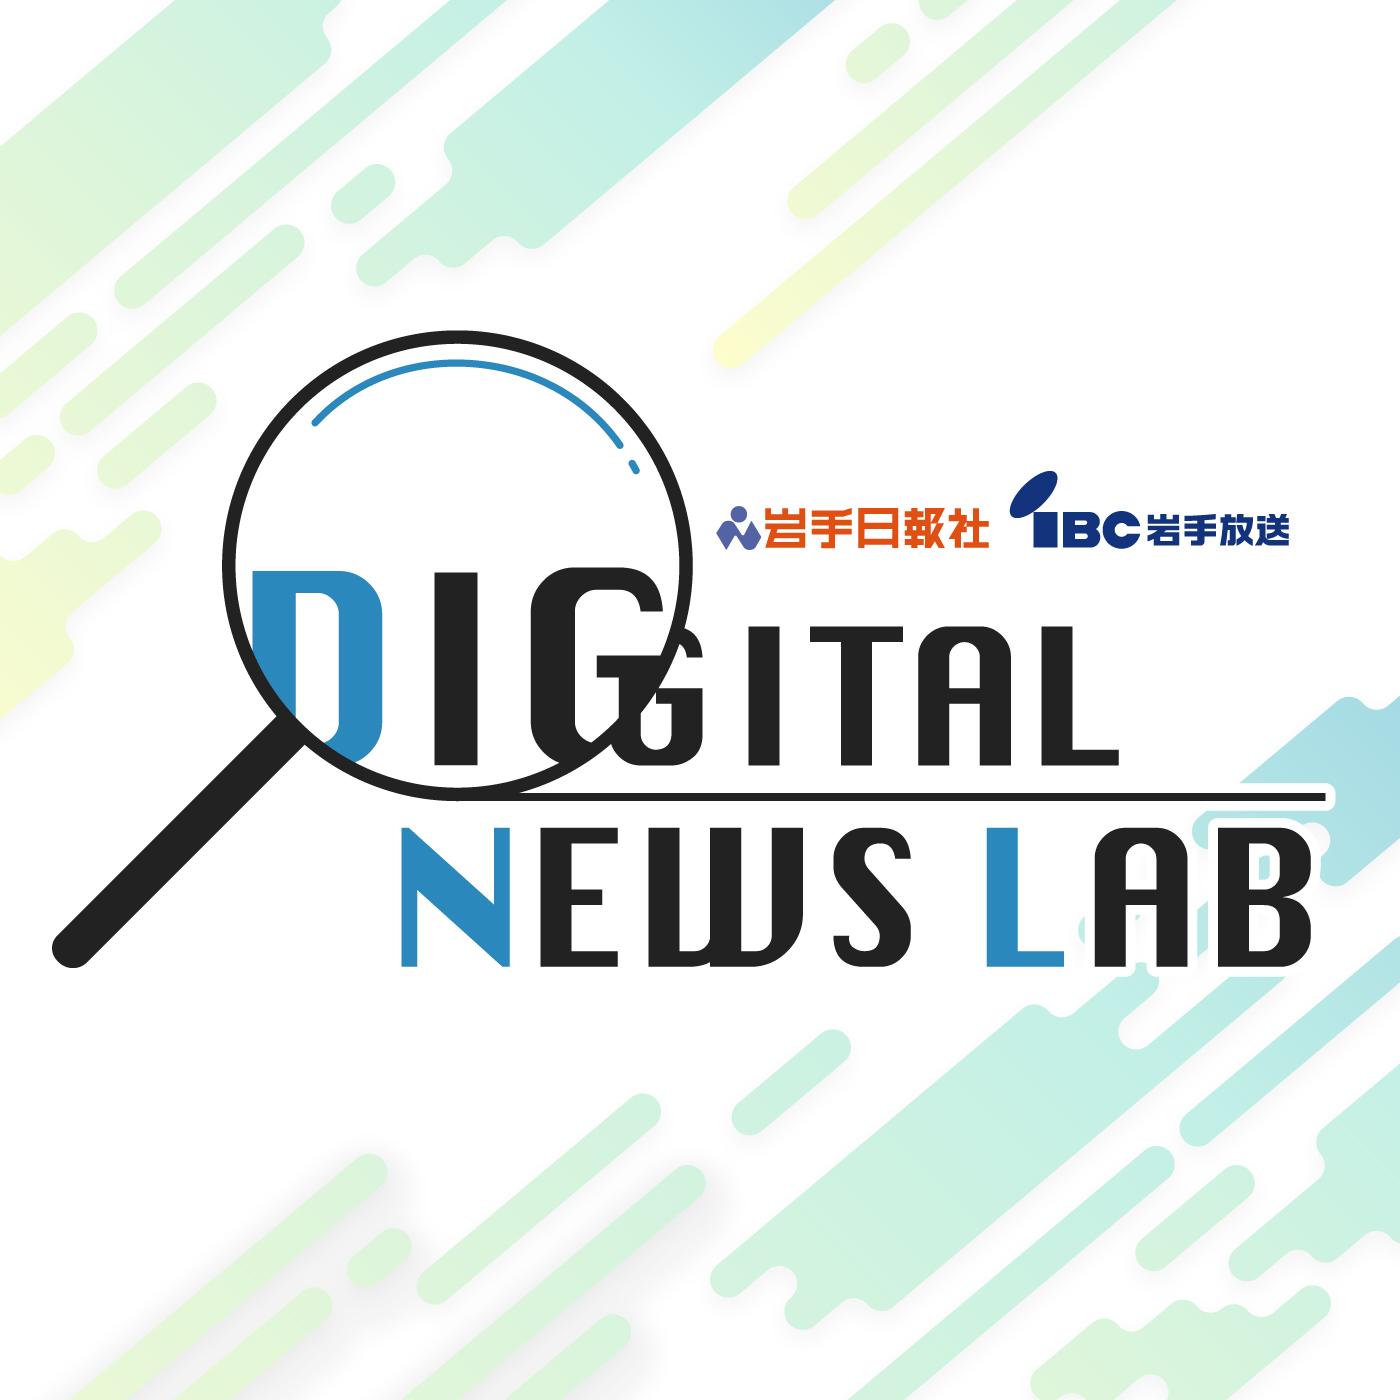 デジタルニュース・ラボ|岩手日報 IBC岩手放送